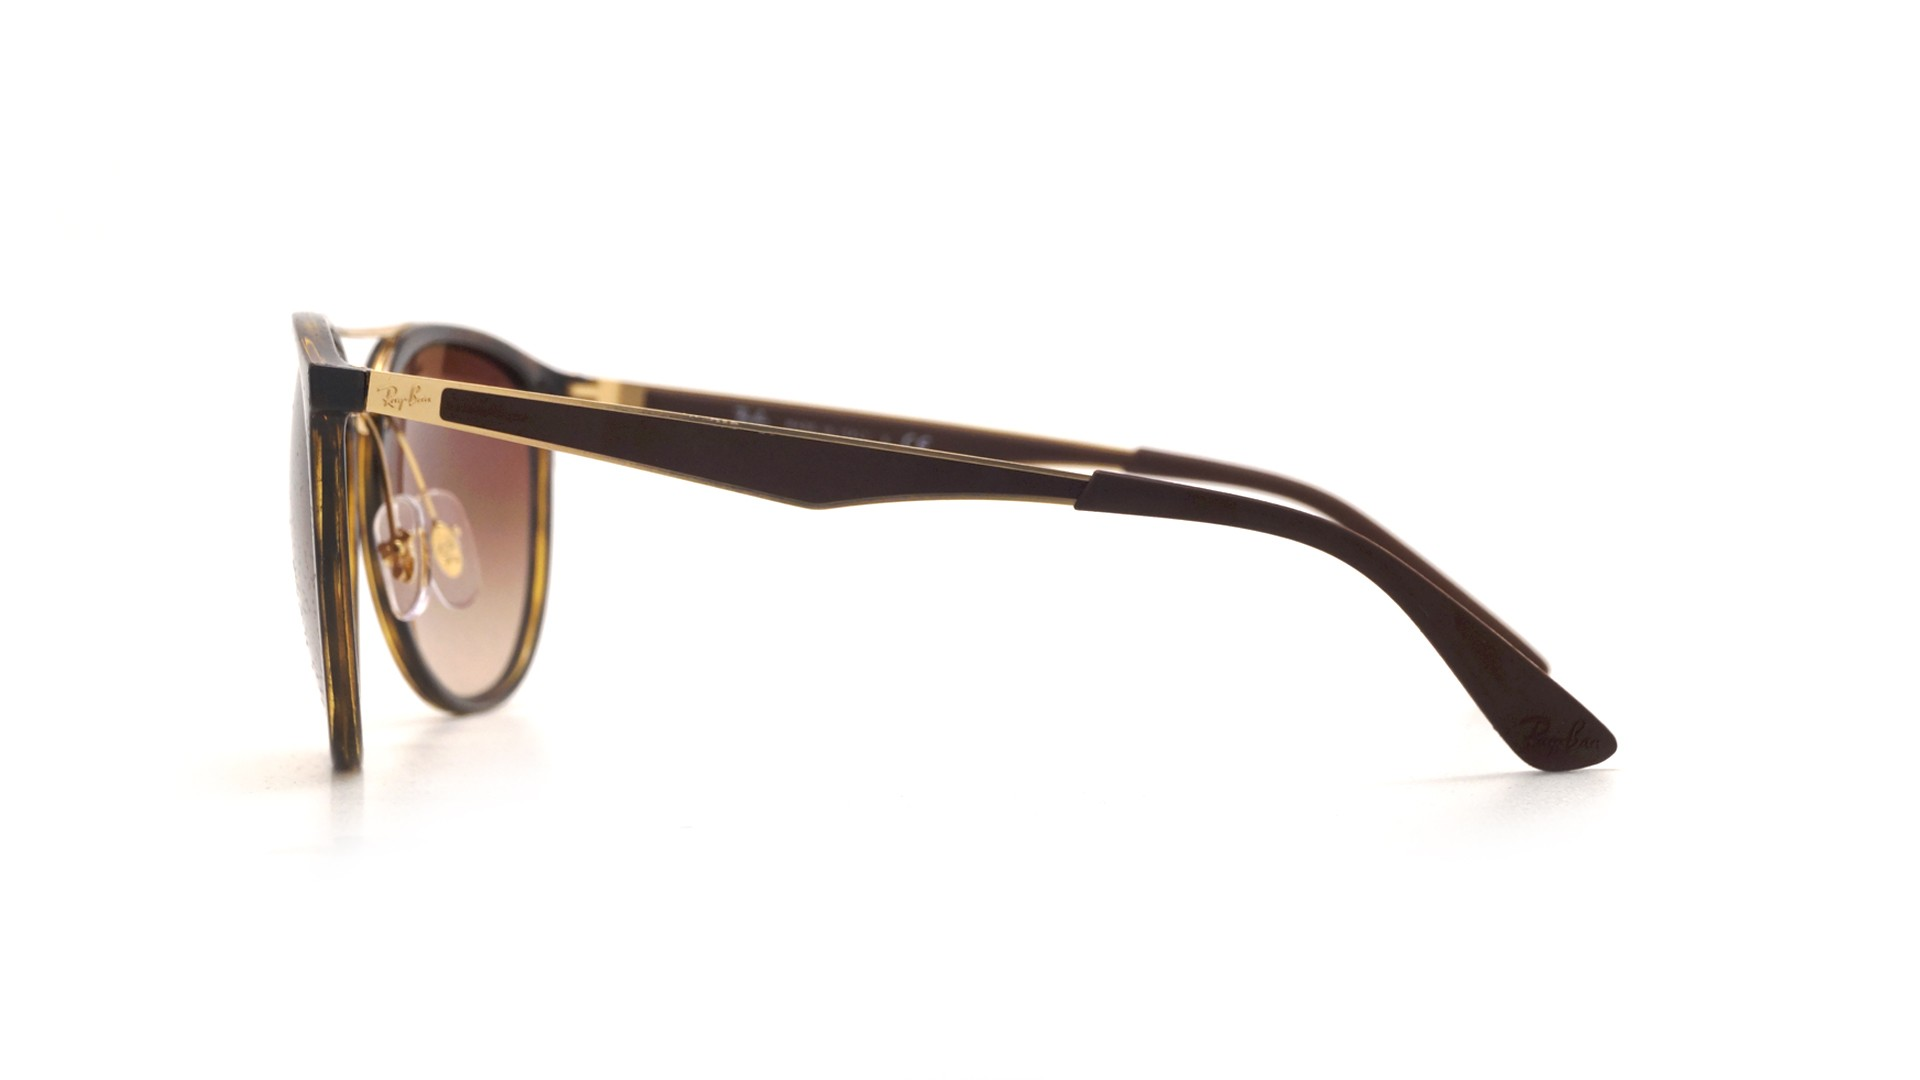 de22a4a974 Sunglasses Ray-Ban RB4285 710 13 55-20 Tortoise Large Gradient